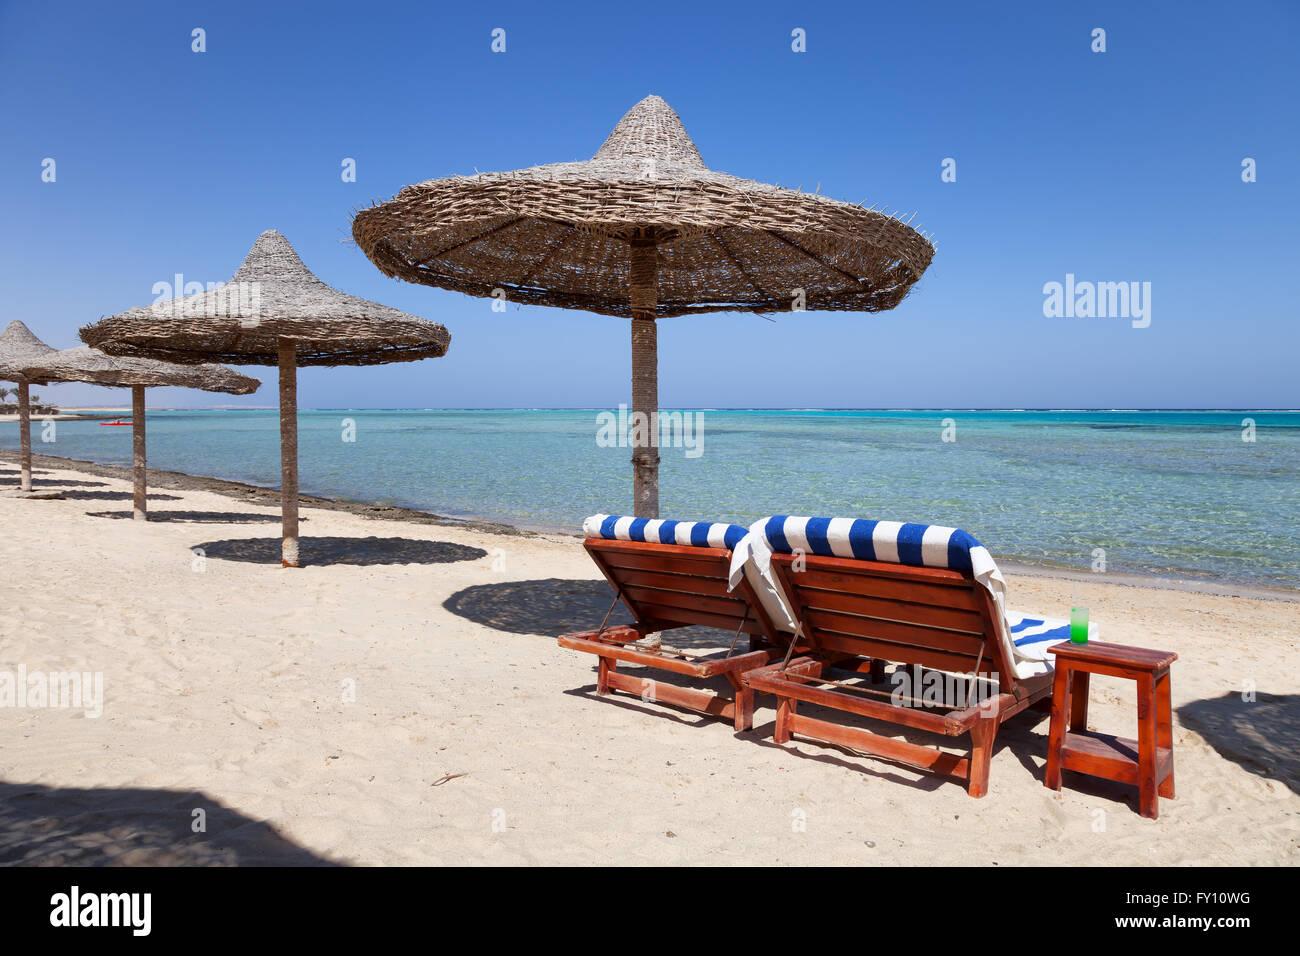 Marsa Alam playa con dos tumbonas y una sombrilla, Egipto Imagen De Stock